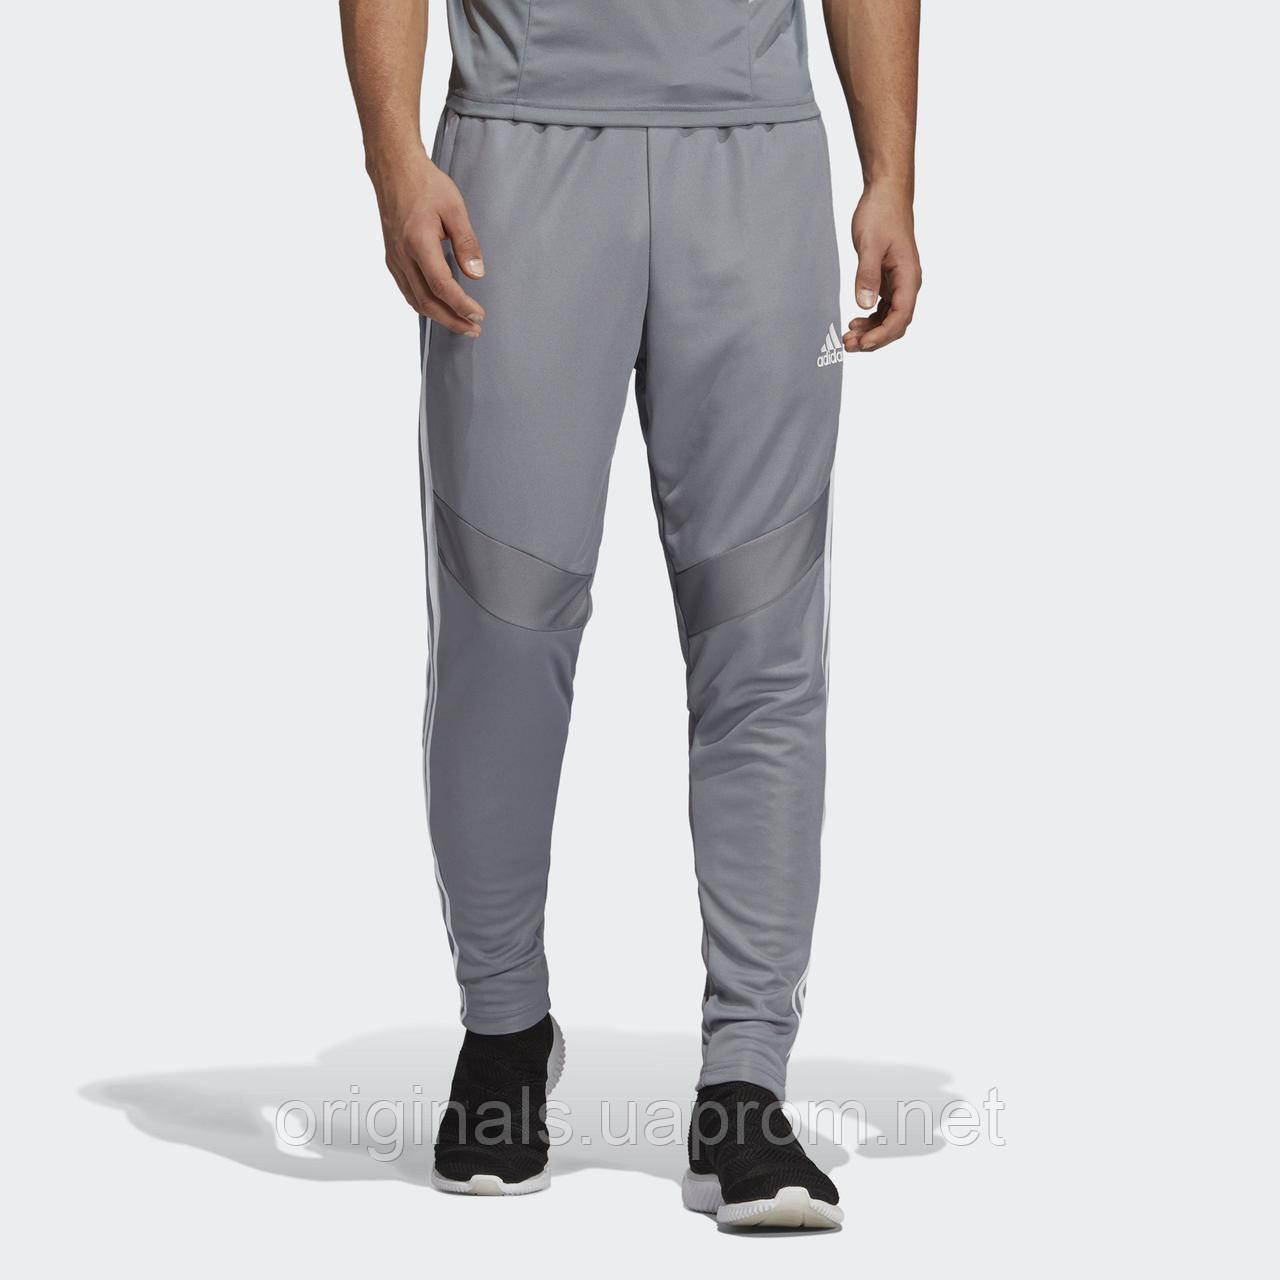 Спортивные штаны Adidas Tiro 19 DT5175